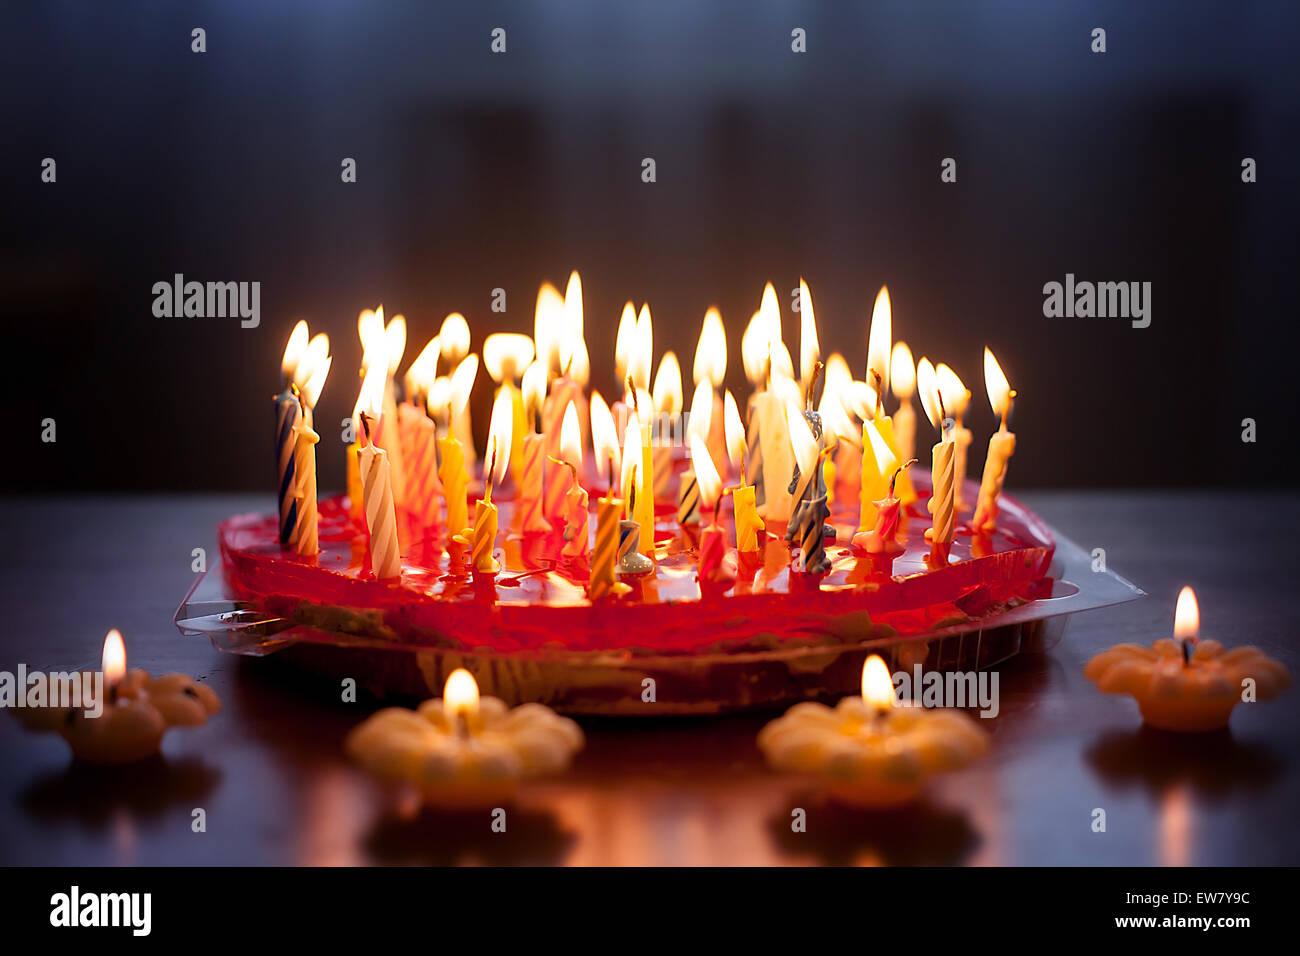 Erdbeerkuchen mit vielen Kerzen auf dem Tisch Stockbild